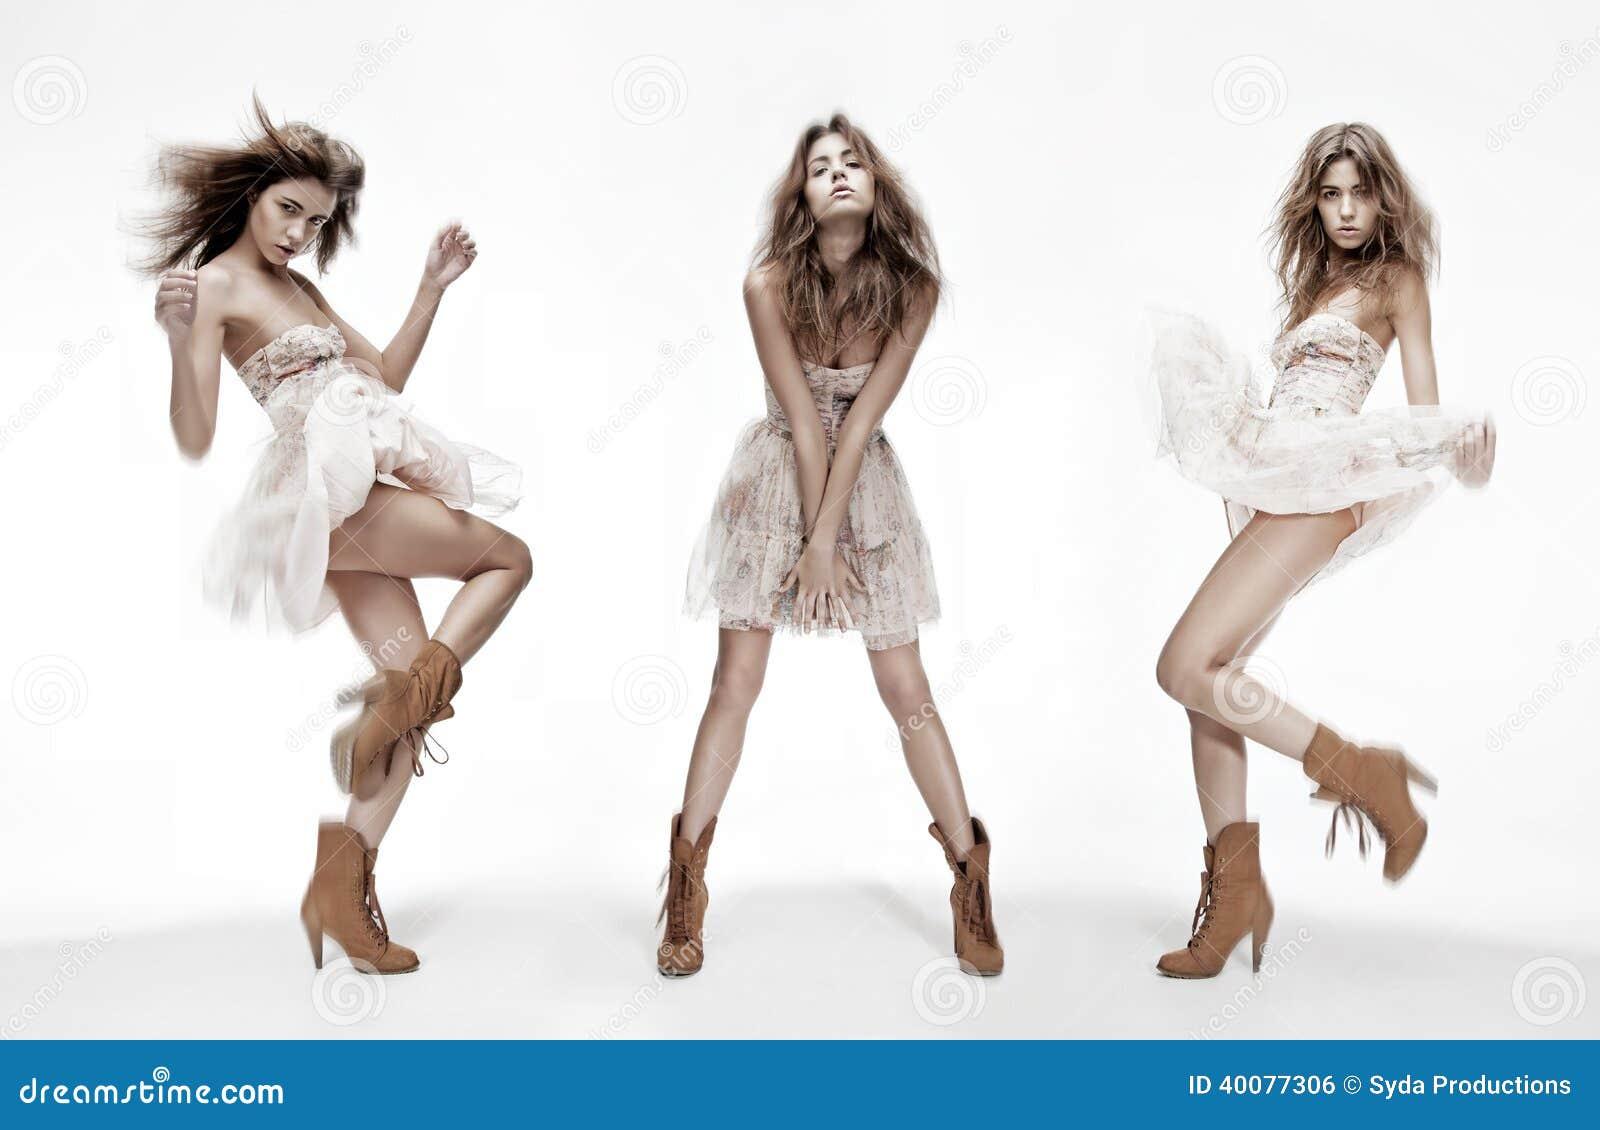 Imagem tripla do modelo de forma em poses diferentes